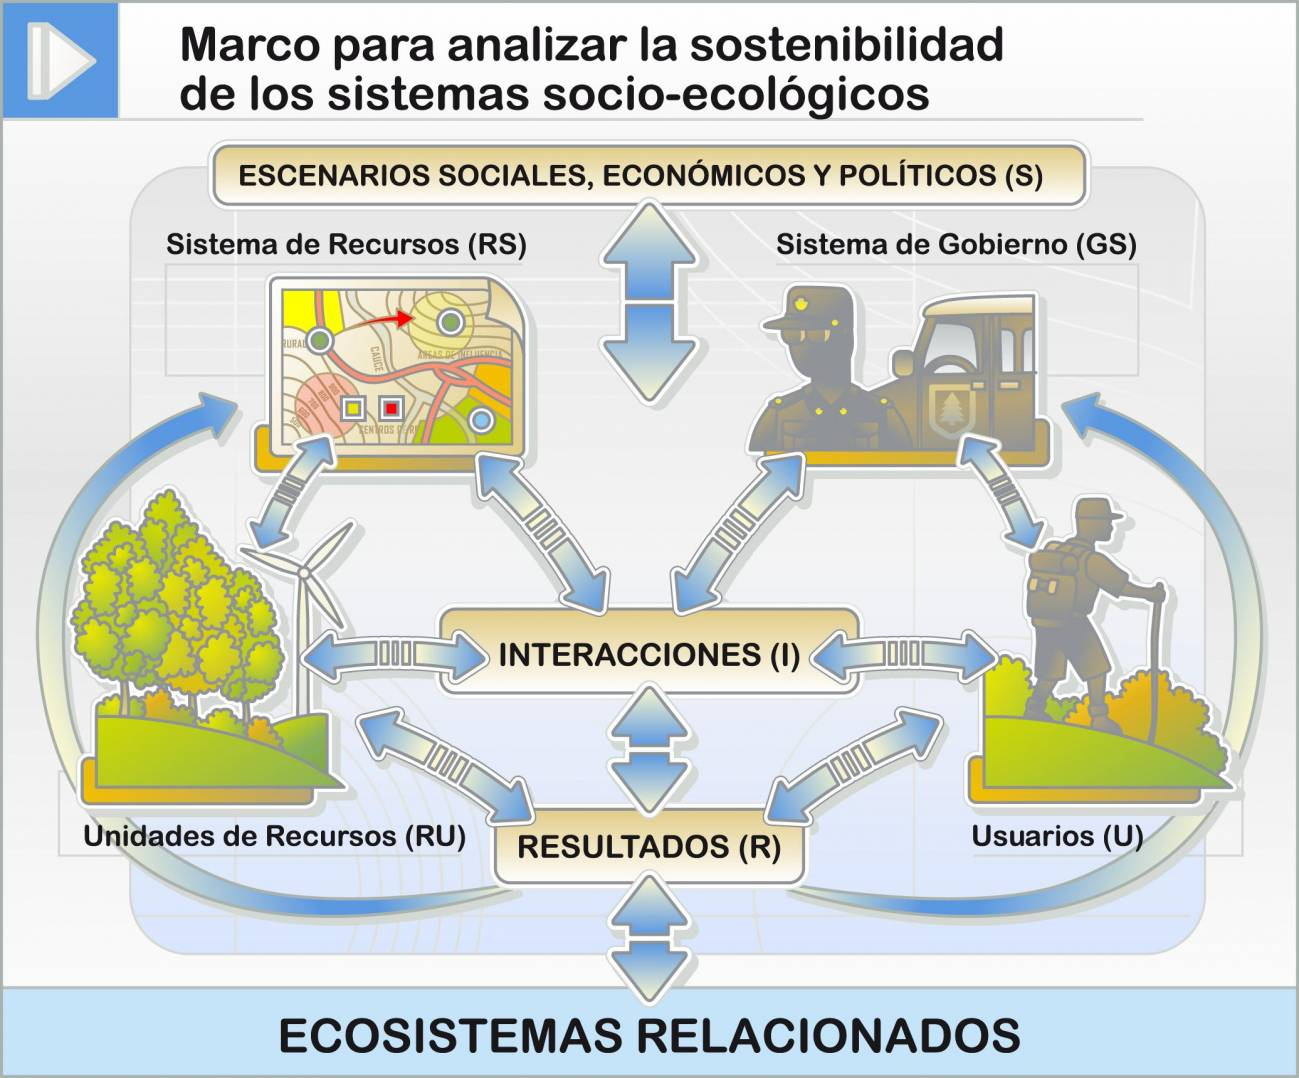 Proponen crear un marco común sobre socioecología